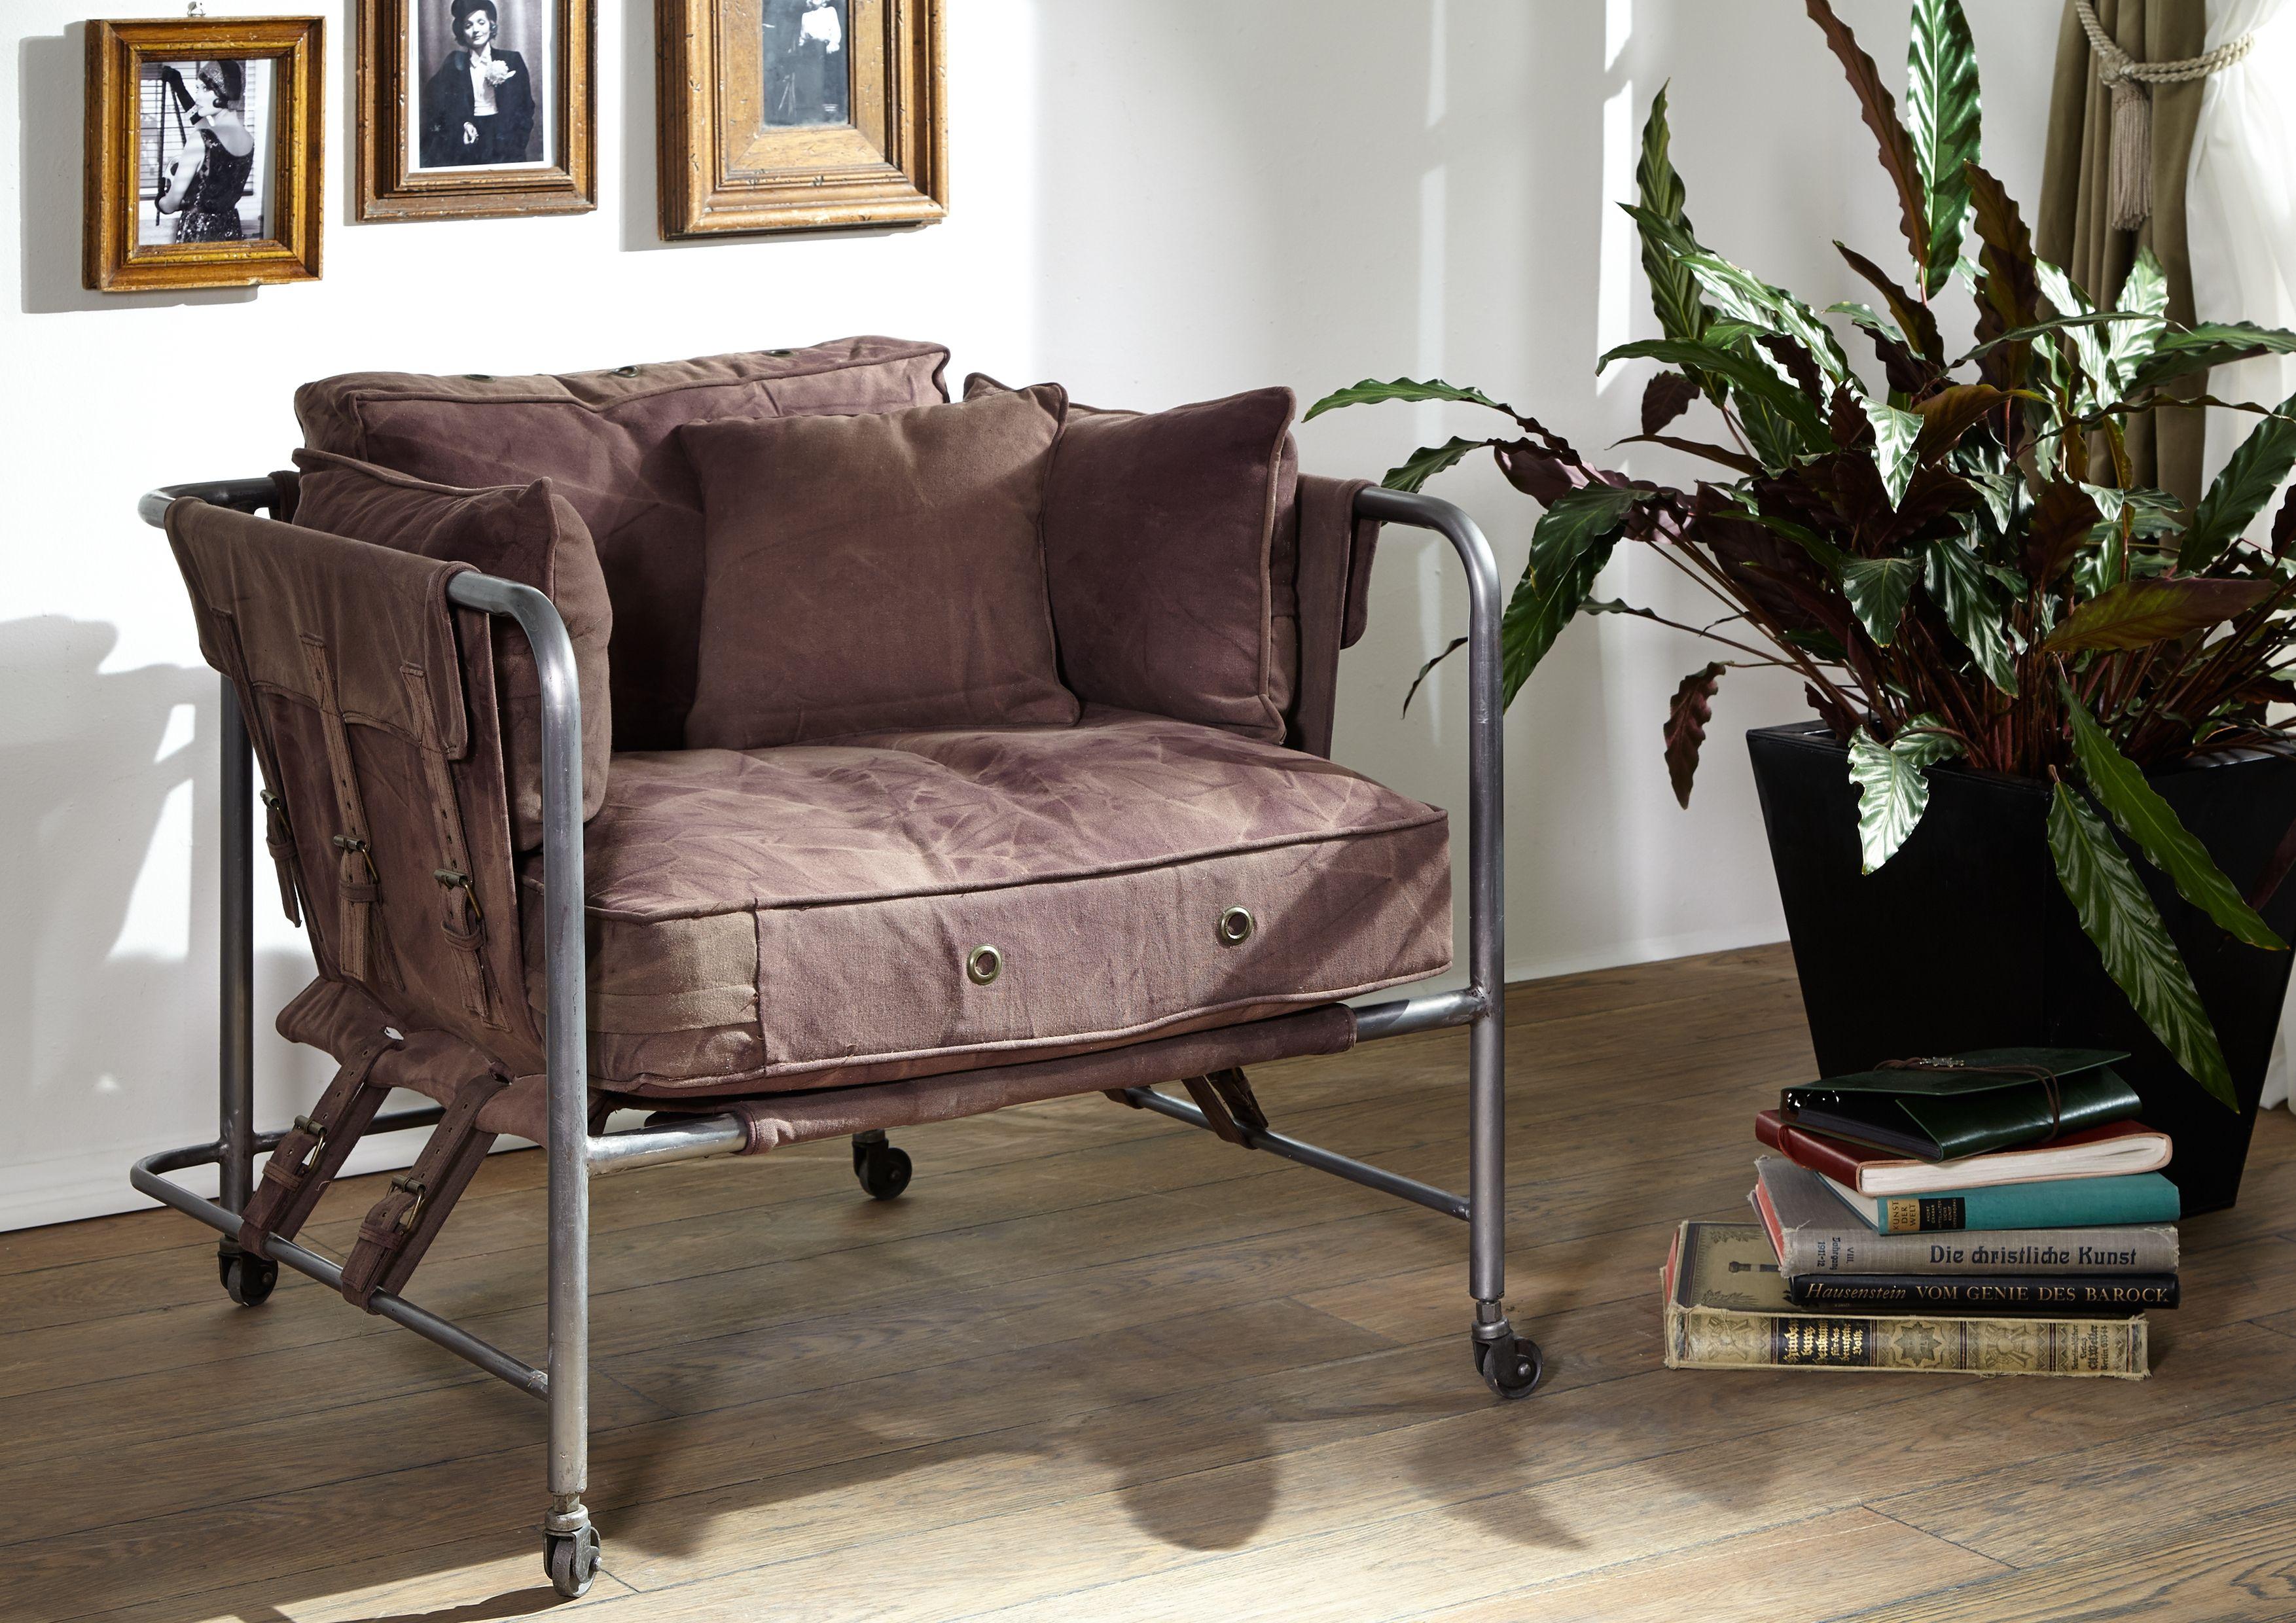 retro m bel eisen altholz 1920s original massivholz m bel serie 1920 39 s original. Black Bedroom Furniture Sets. Home Design Ideas